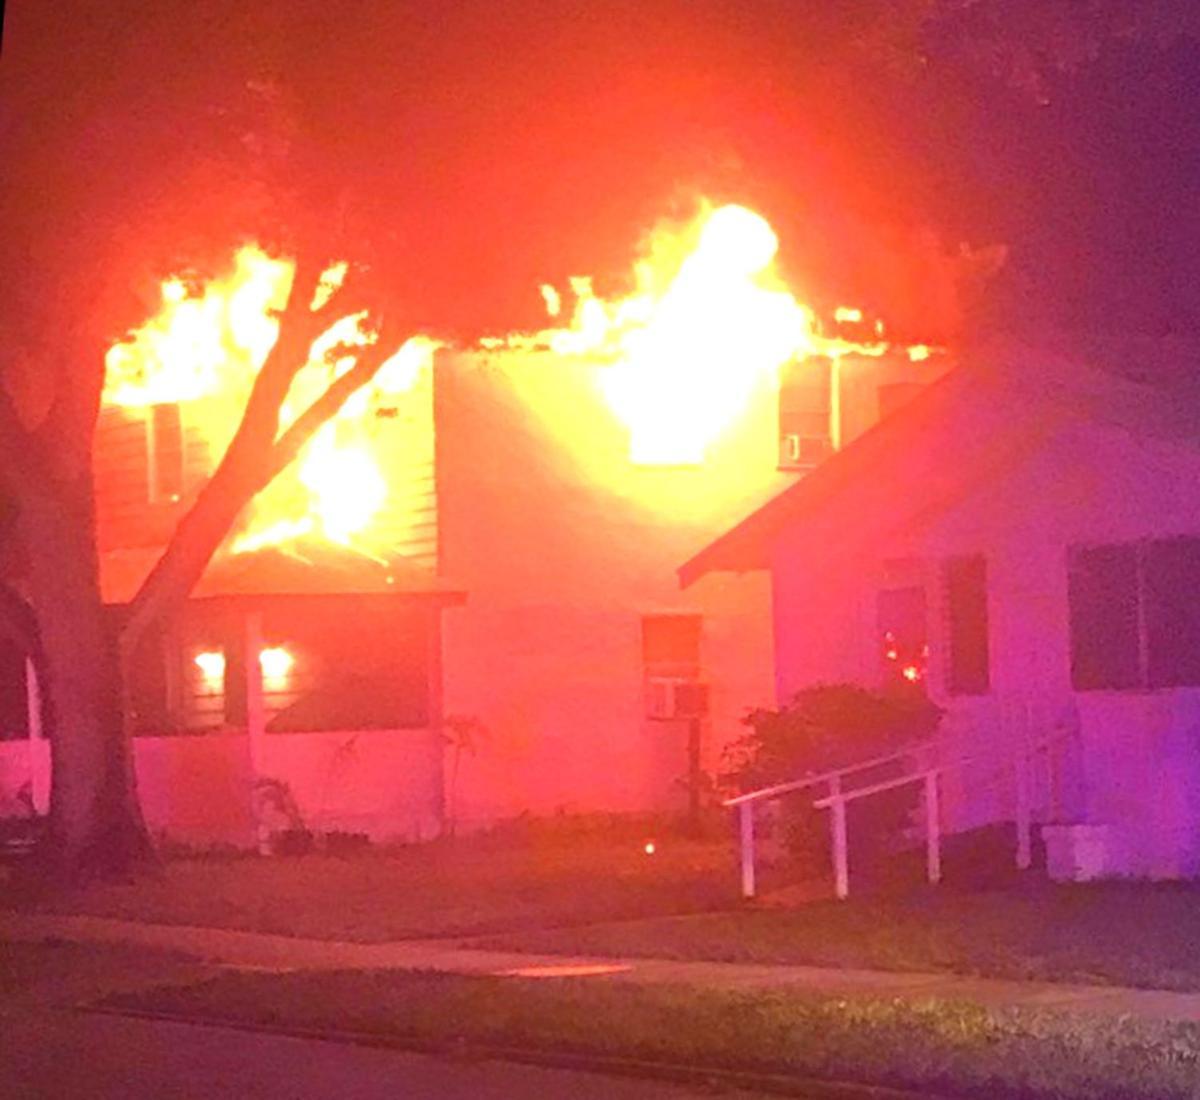 A home ablaze on arrival